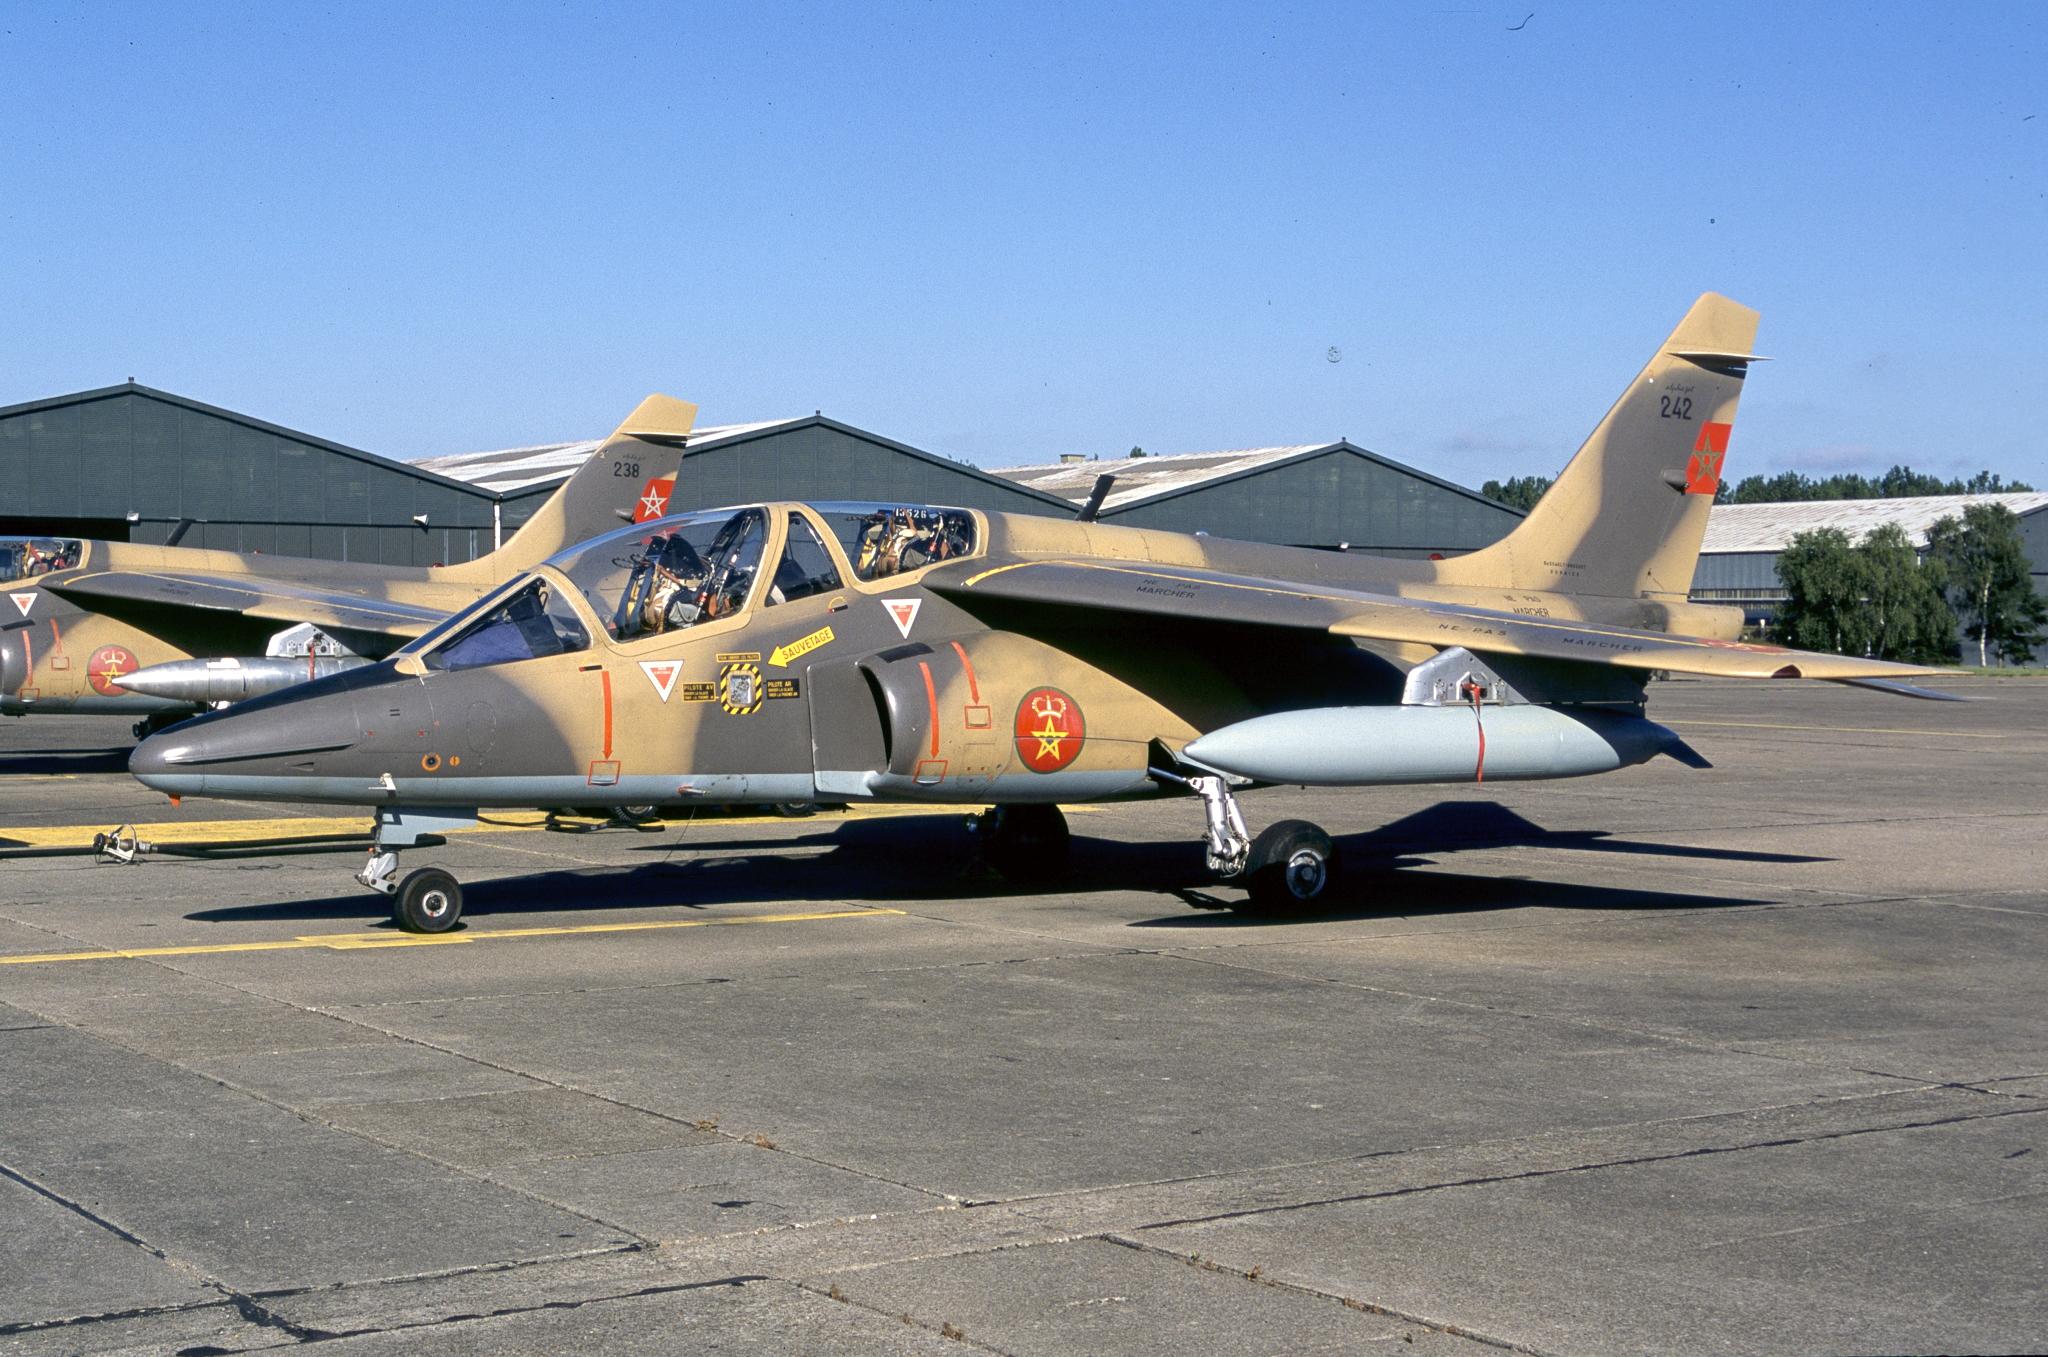 FRA: Photos avions d'entrainement et anti insurrection - Page 9 33809142468_d515683f54_o